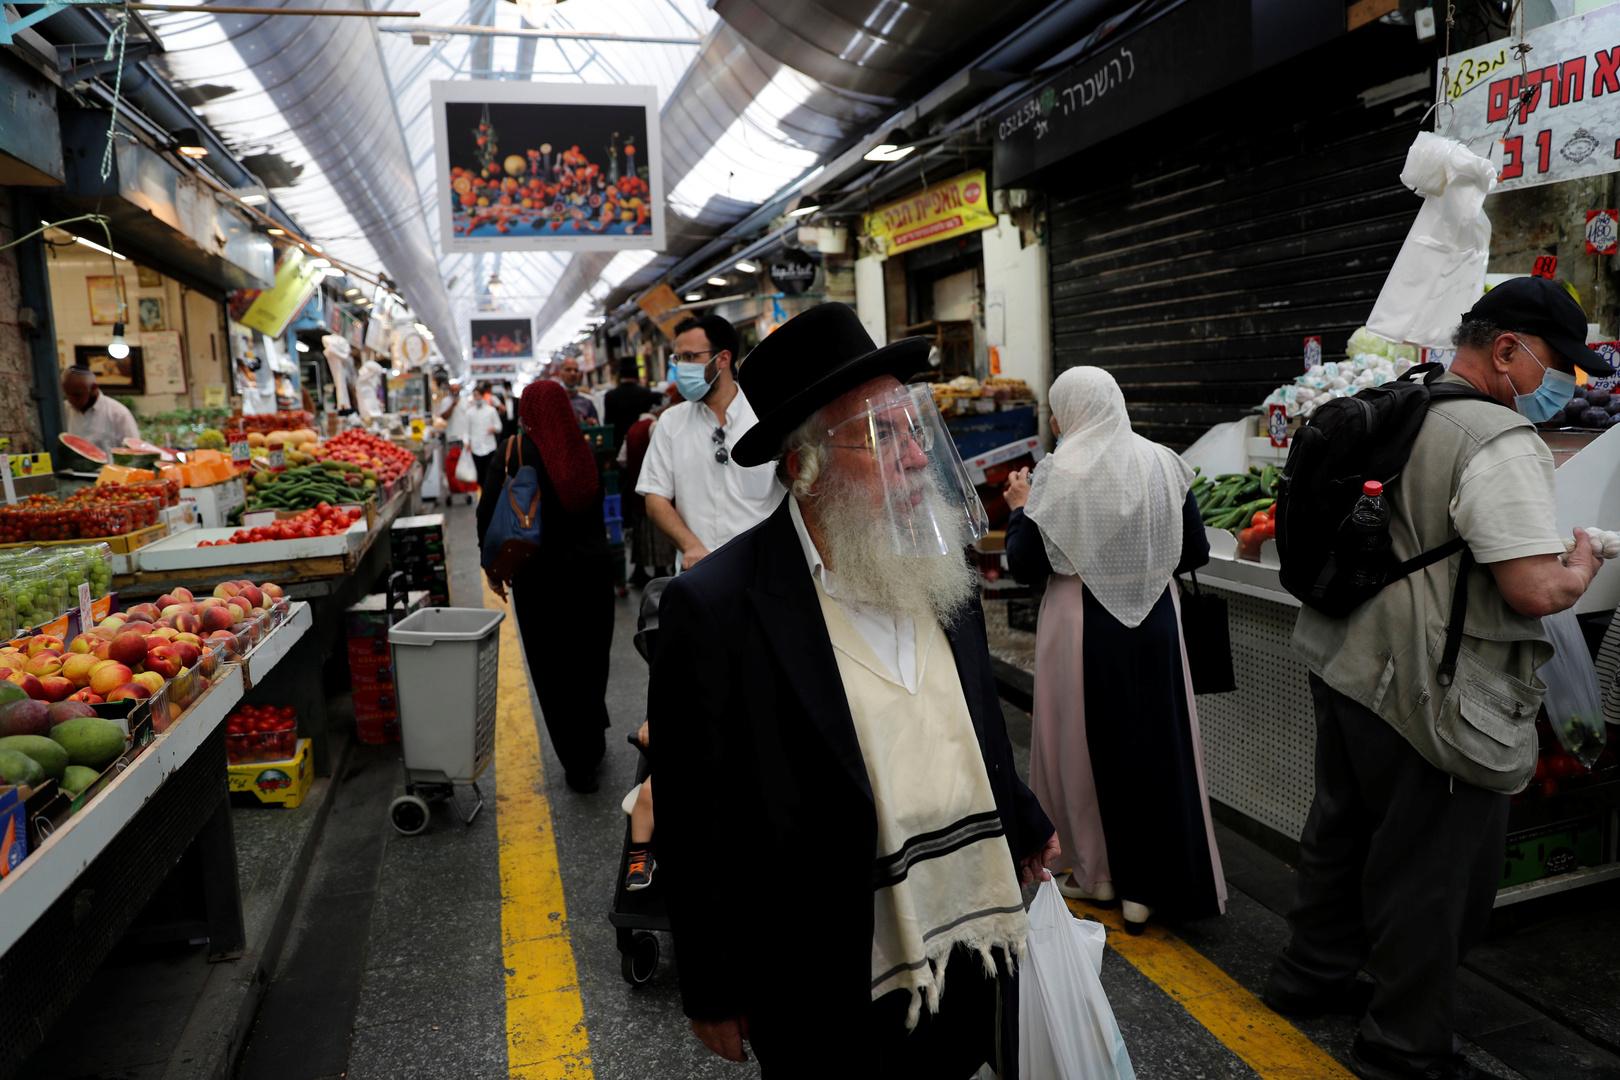 الكنيست الإسرائيلي يوافق على متابعة مصابي كورونا عبر الهواتف حتى يناير